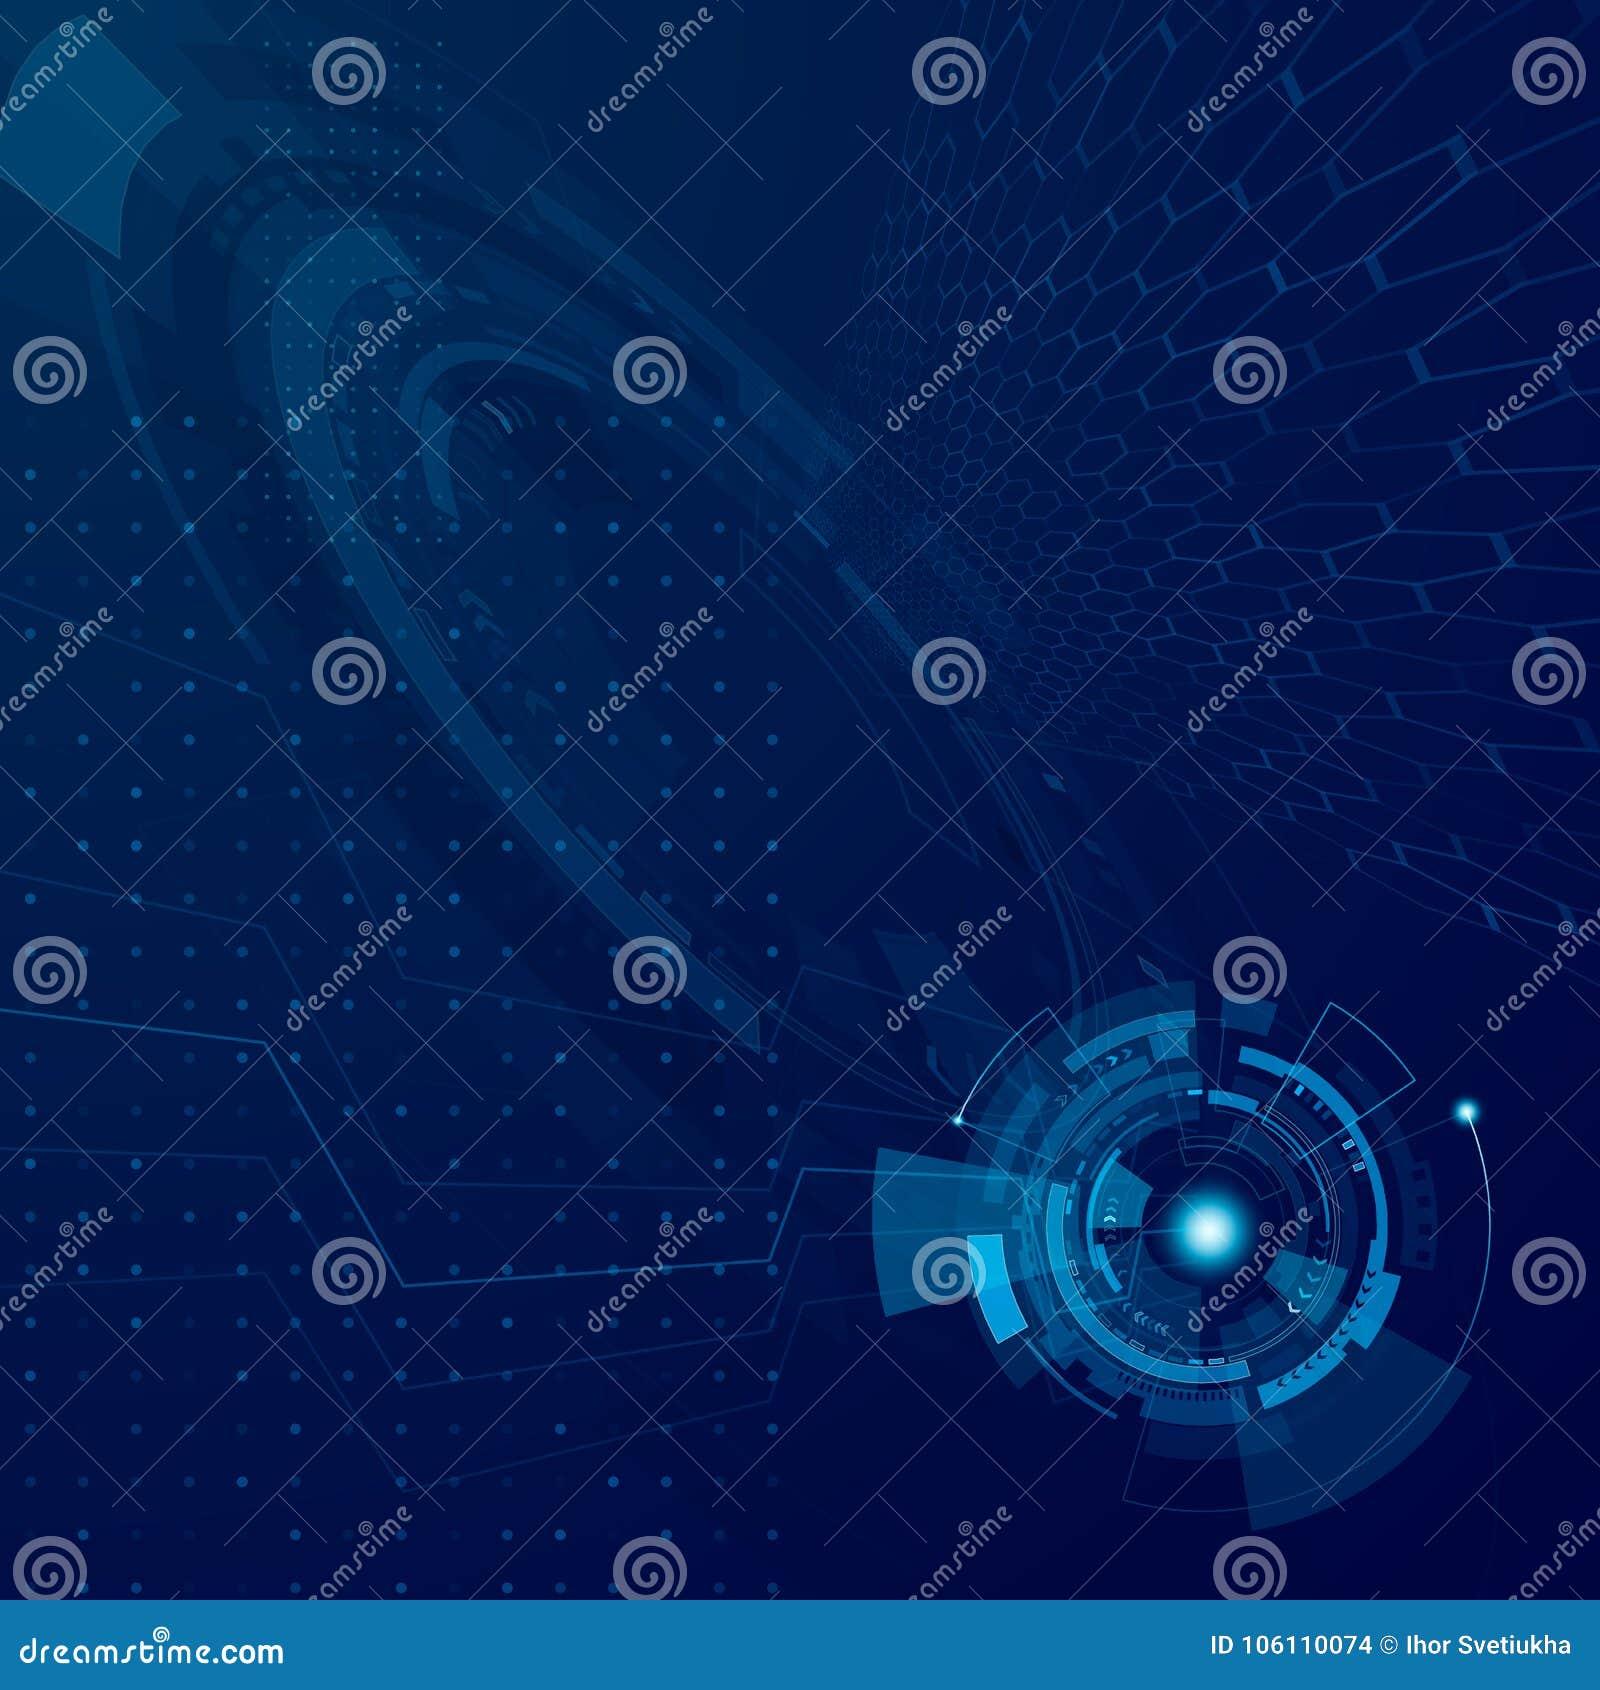 抽象hud未来技术设计 未来派网际空间技术发展概念 科学幻想小说接口系统 向量Illustratio